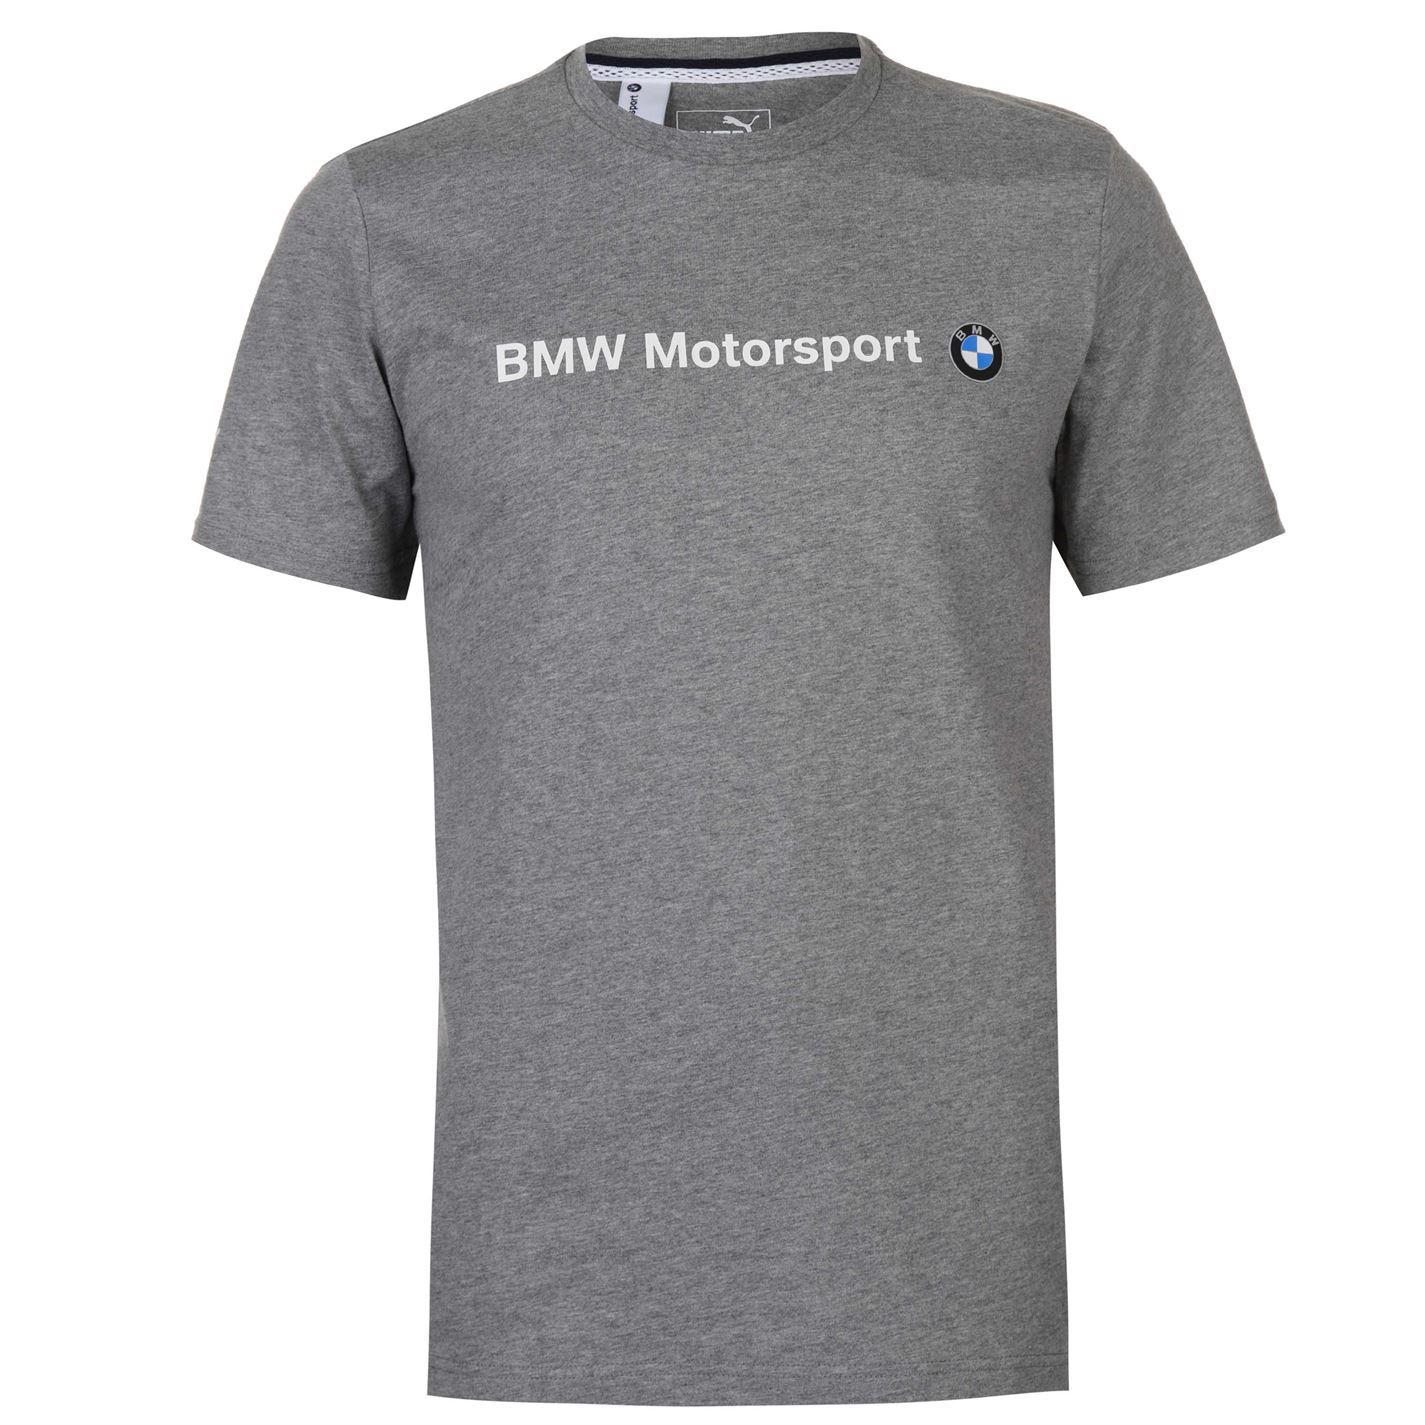 961cb0218243 Puma BMW Motorsport T-Shirt Mens Grey Tee Shirt Tshirt Top